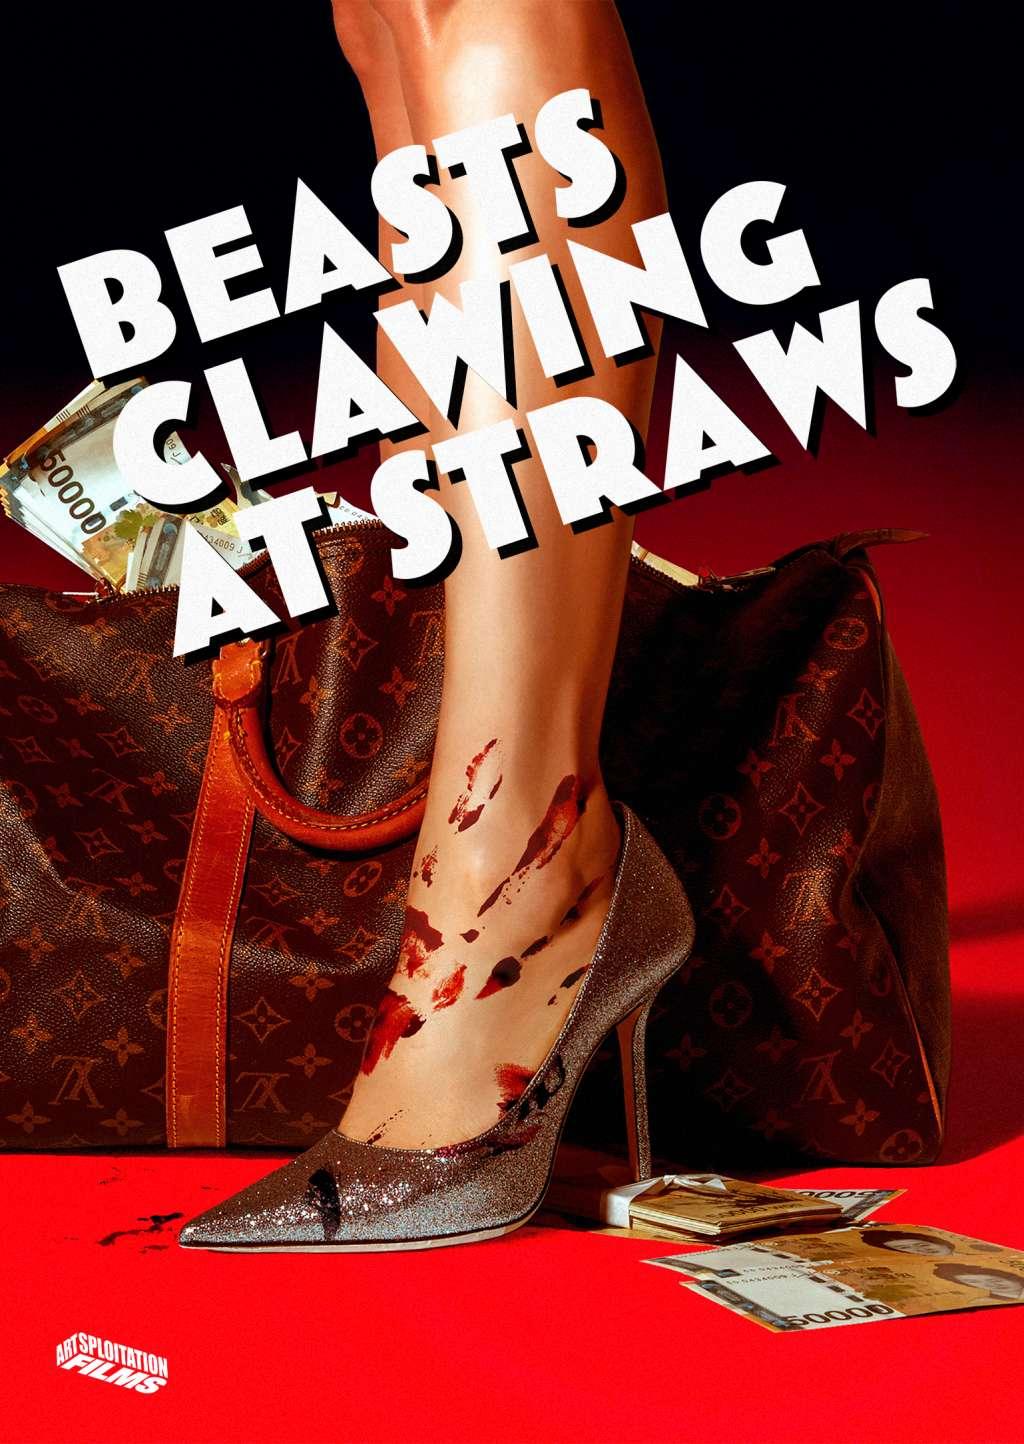 Beasts Clawing at Straws kapak